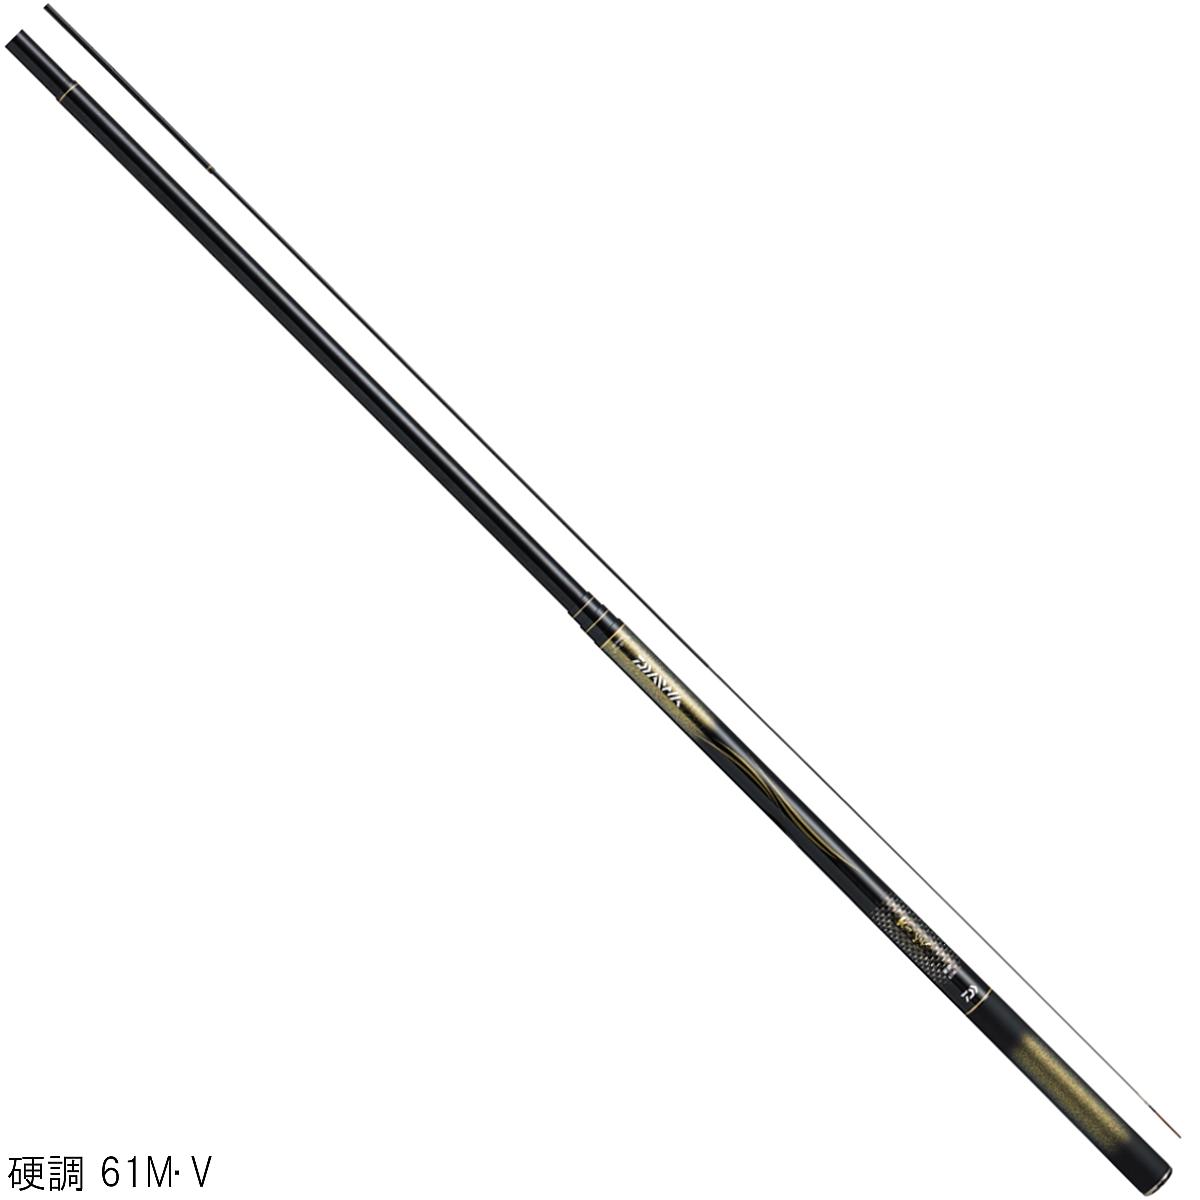 ダイワ 春渓 硬調 61M・V(東日本店)